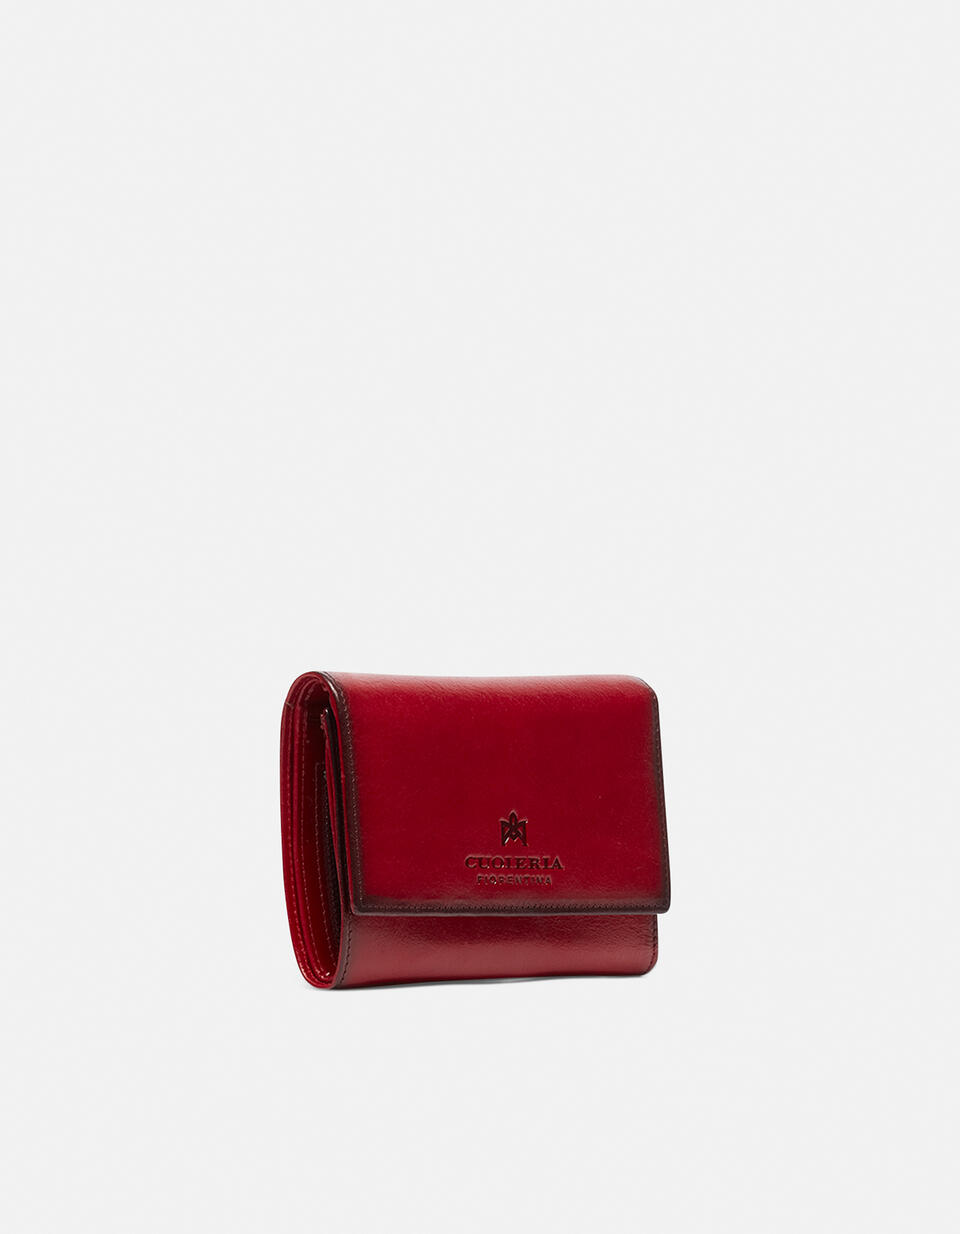 Warm and colour portafoglio medio anti-rfid in cuoio bifold con bordo effetto bruciato ROSSO Cuoieria Fiorentina